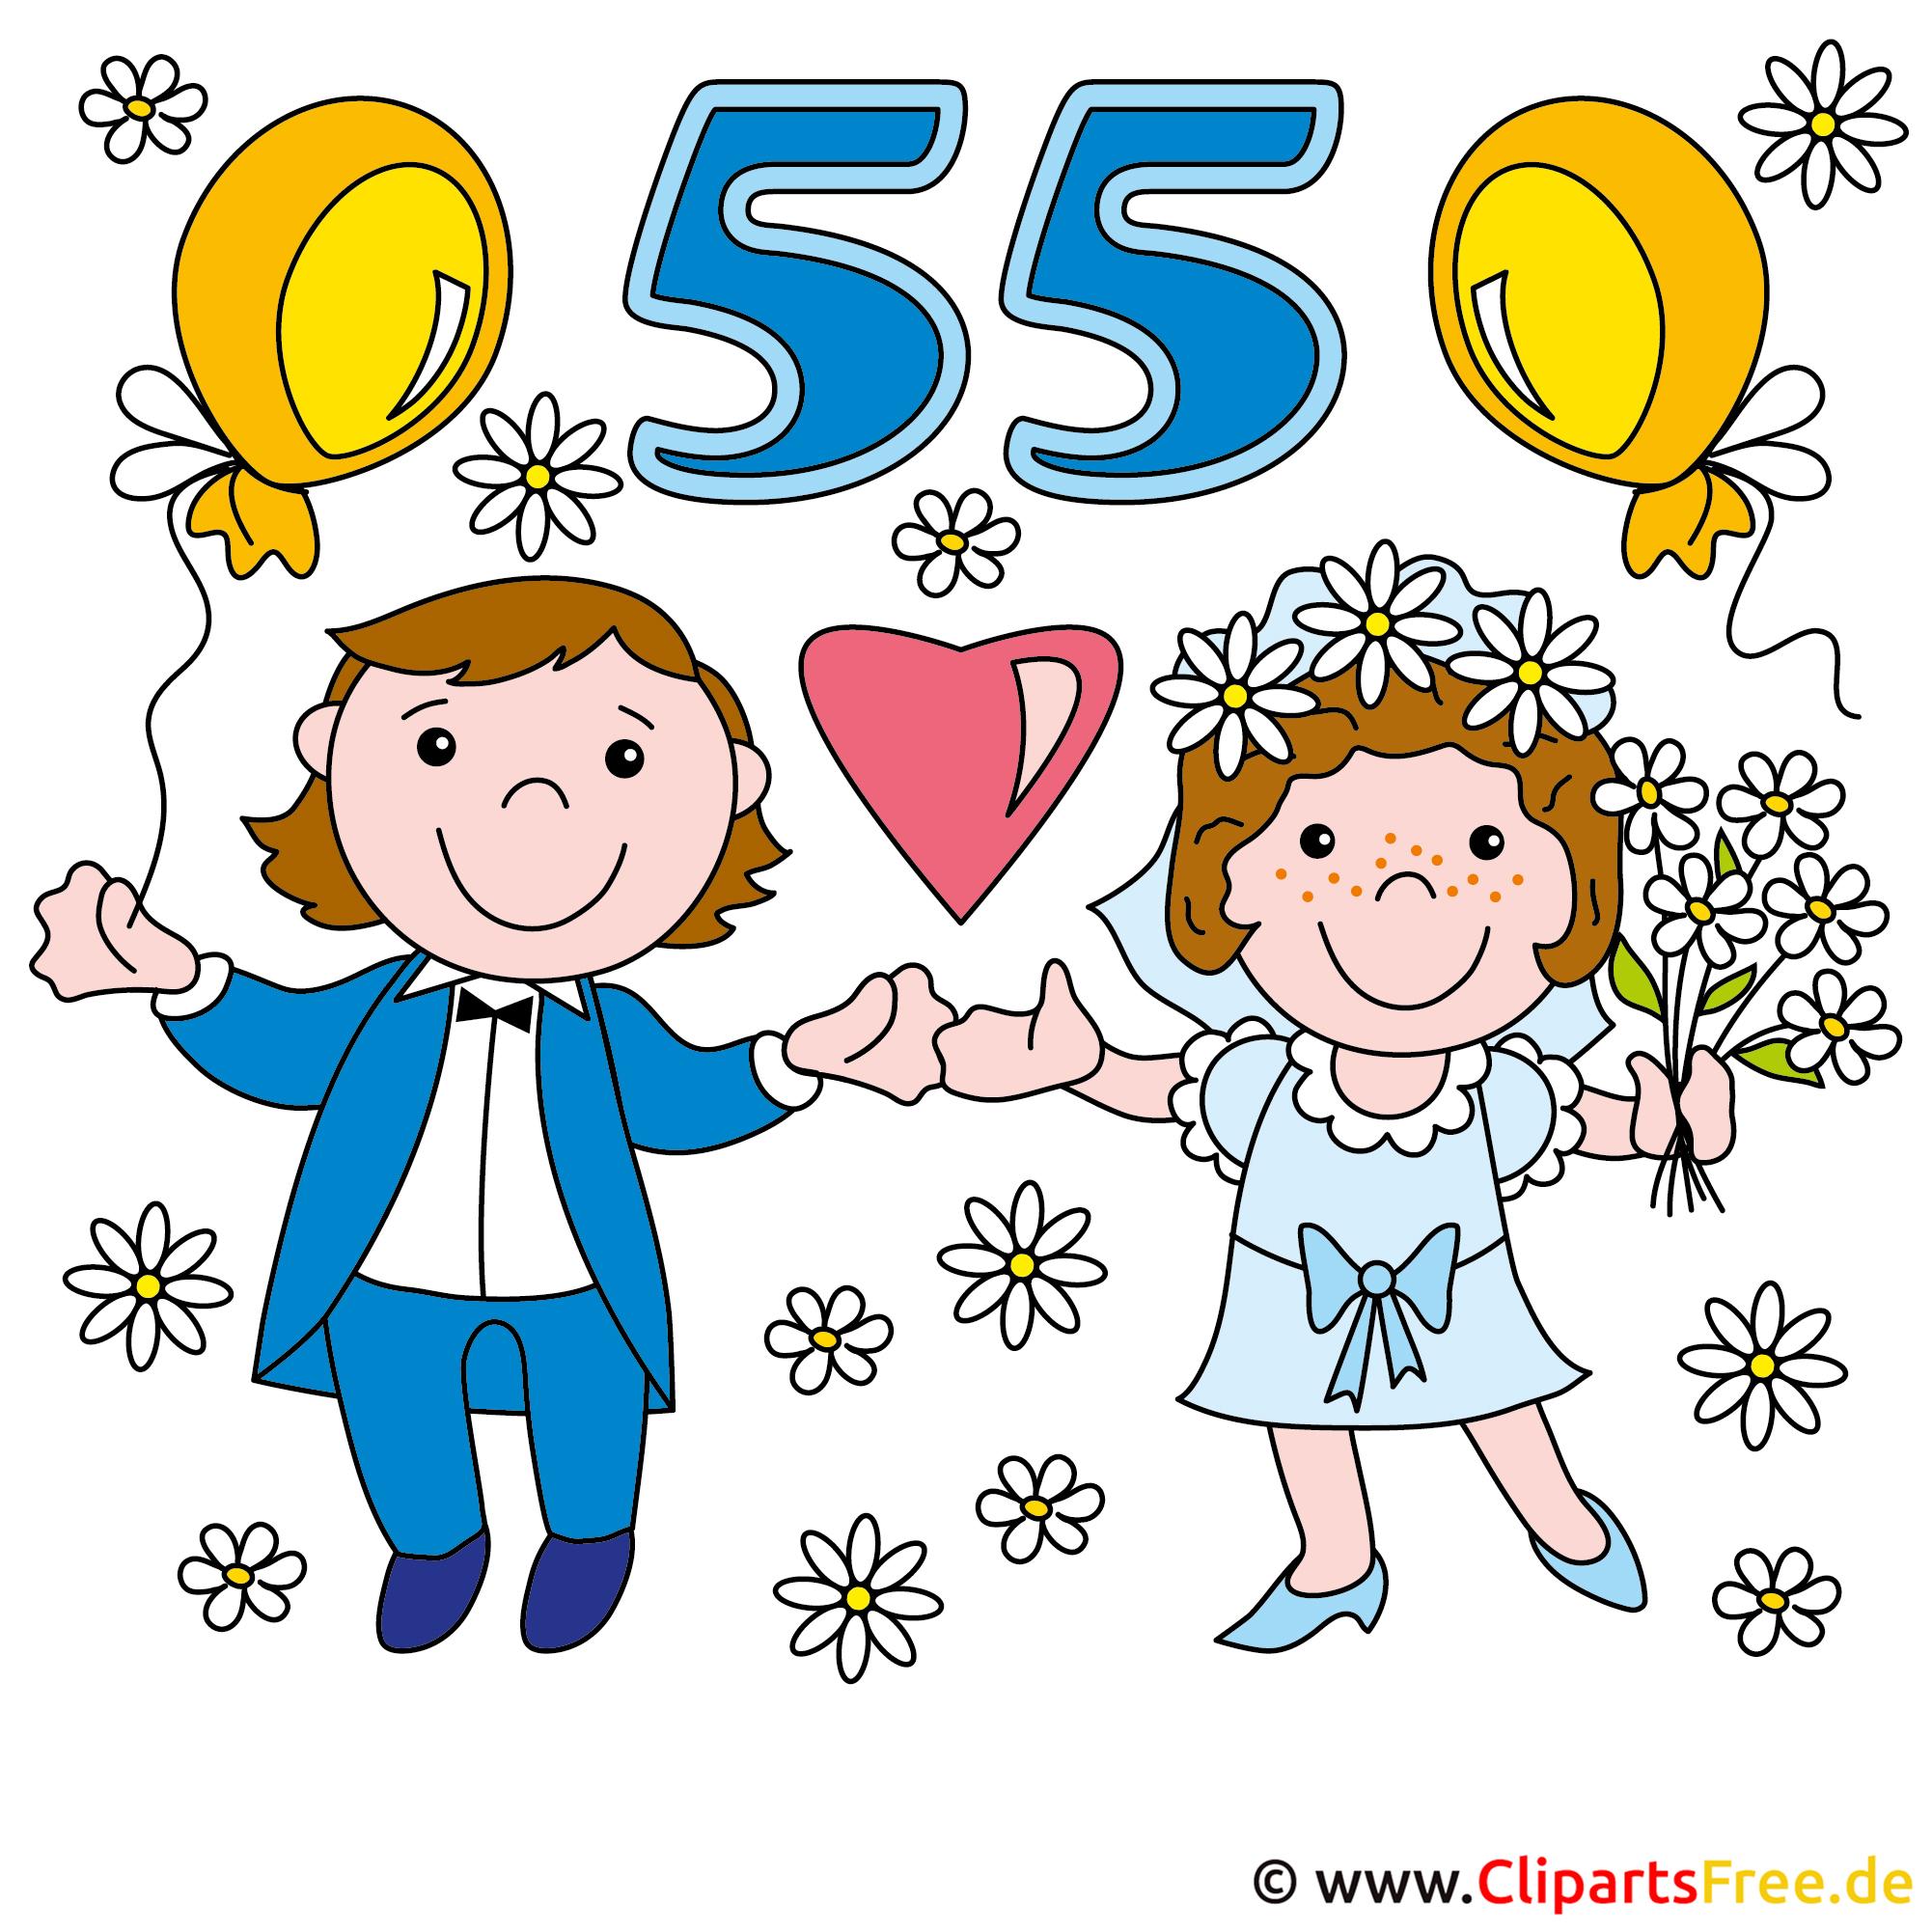 55 Hochzeitstag Clipart Ginsatempmmiggq